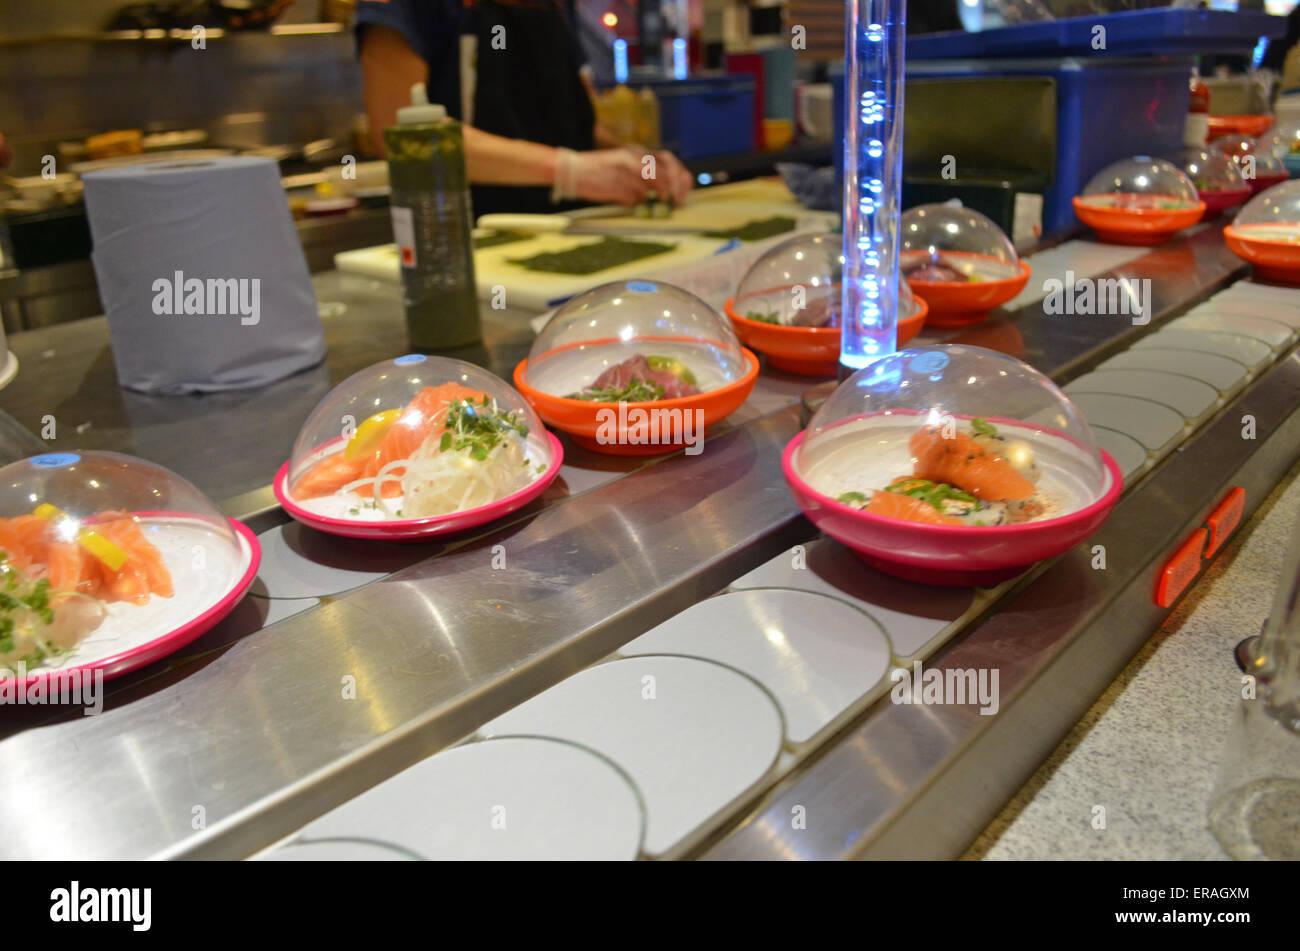 Conveyor Belt Food Service